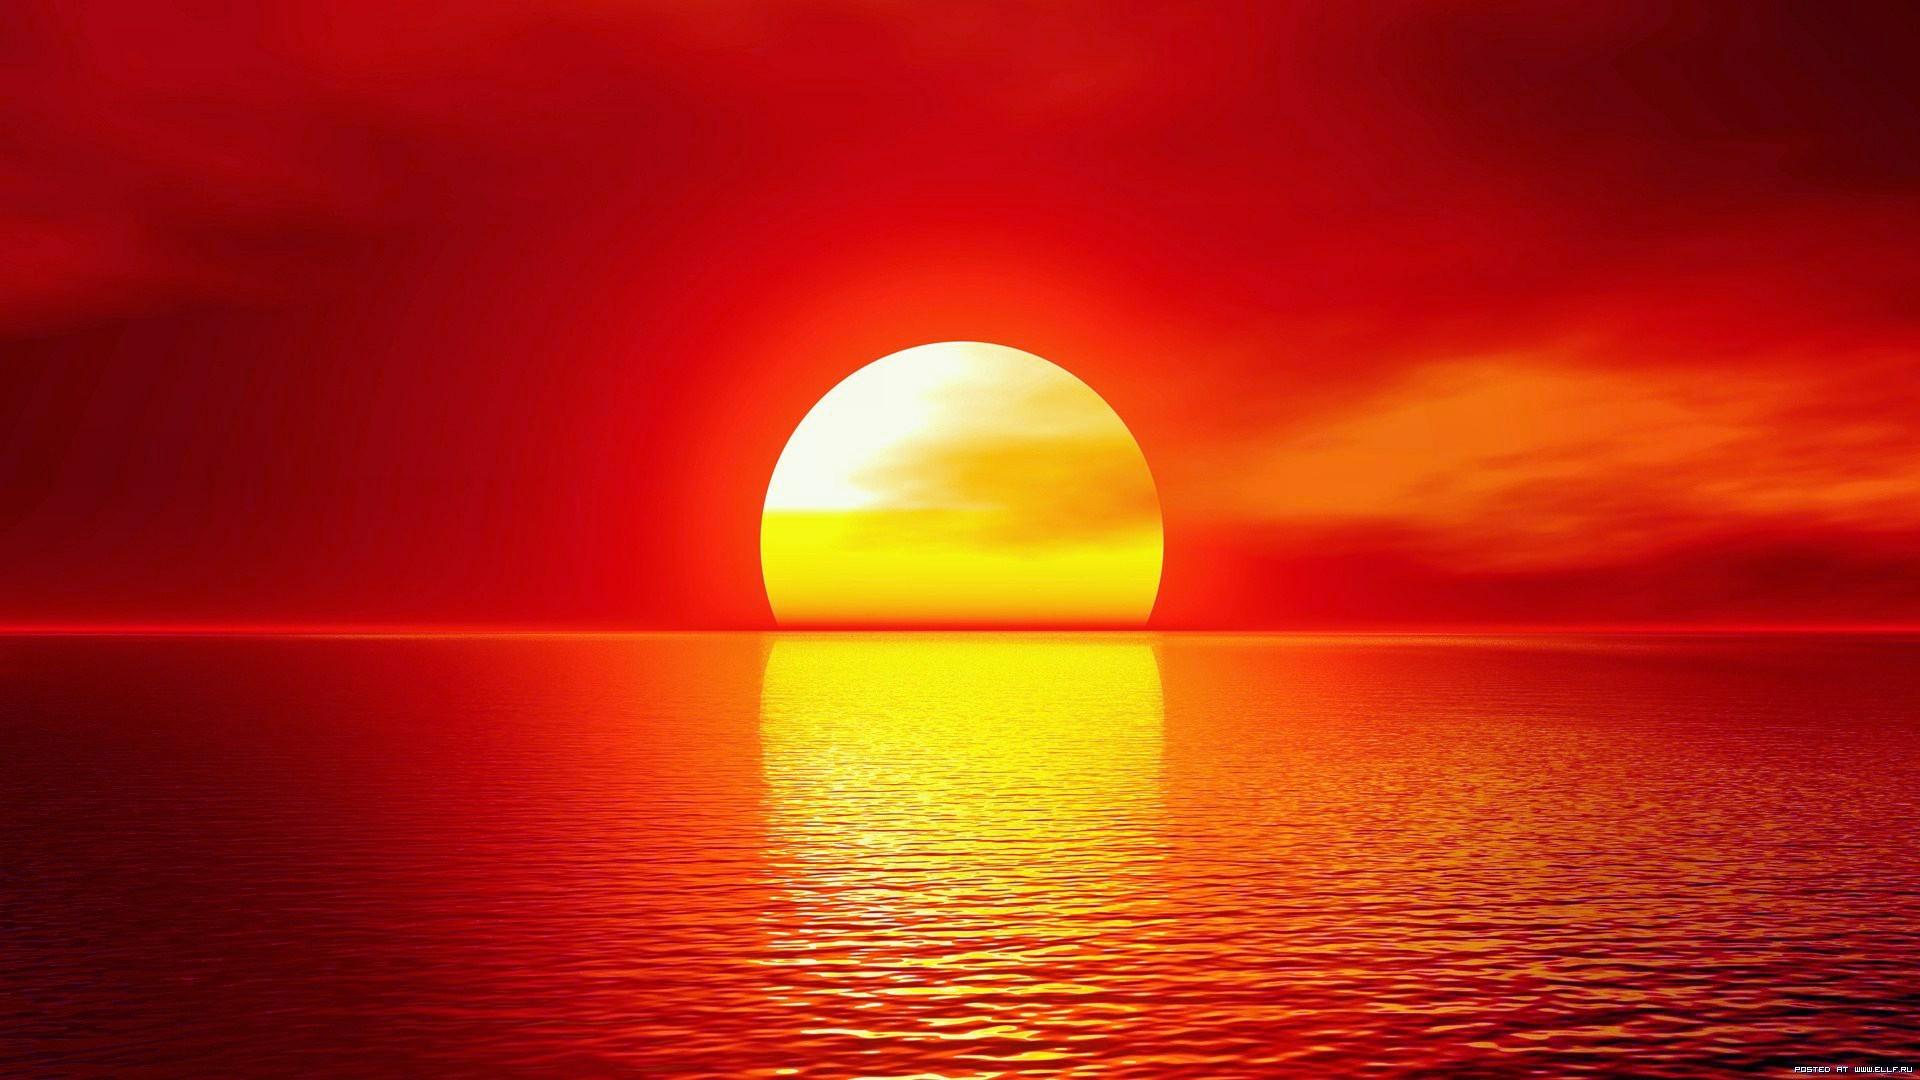 20564 скачать обои Пейзаж, Закат, Море, Солнце - заставки и картинки бесплатно